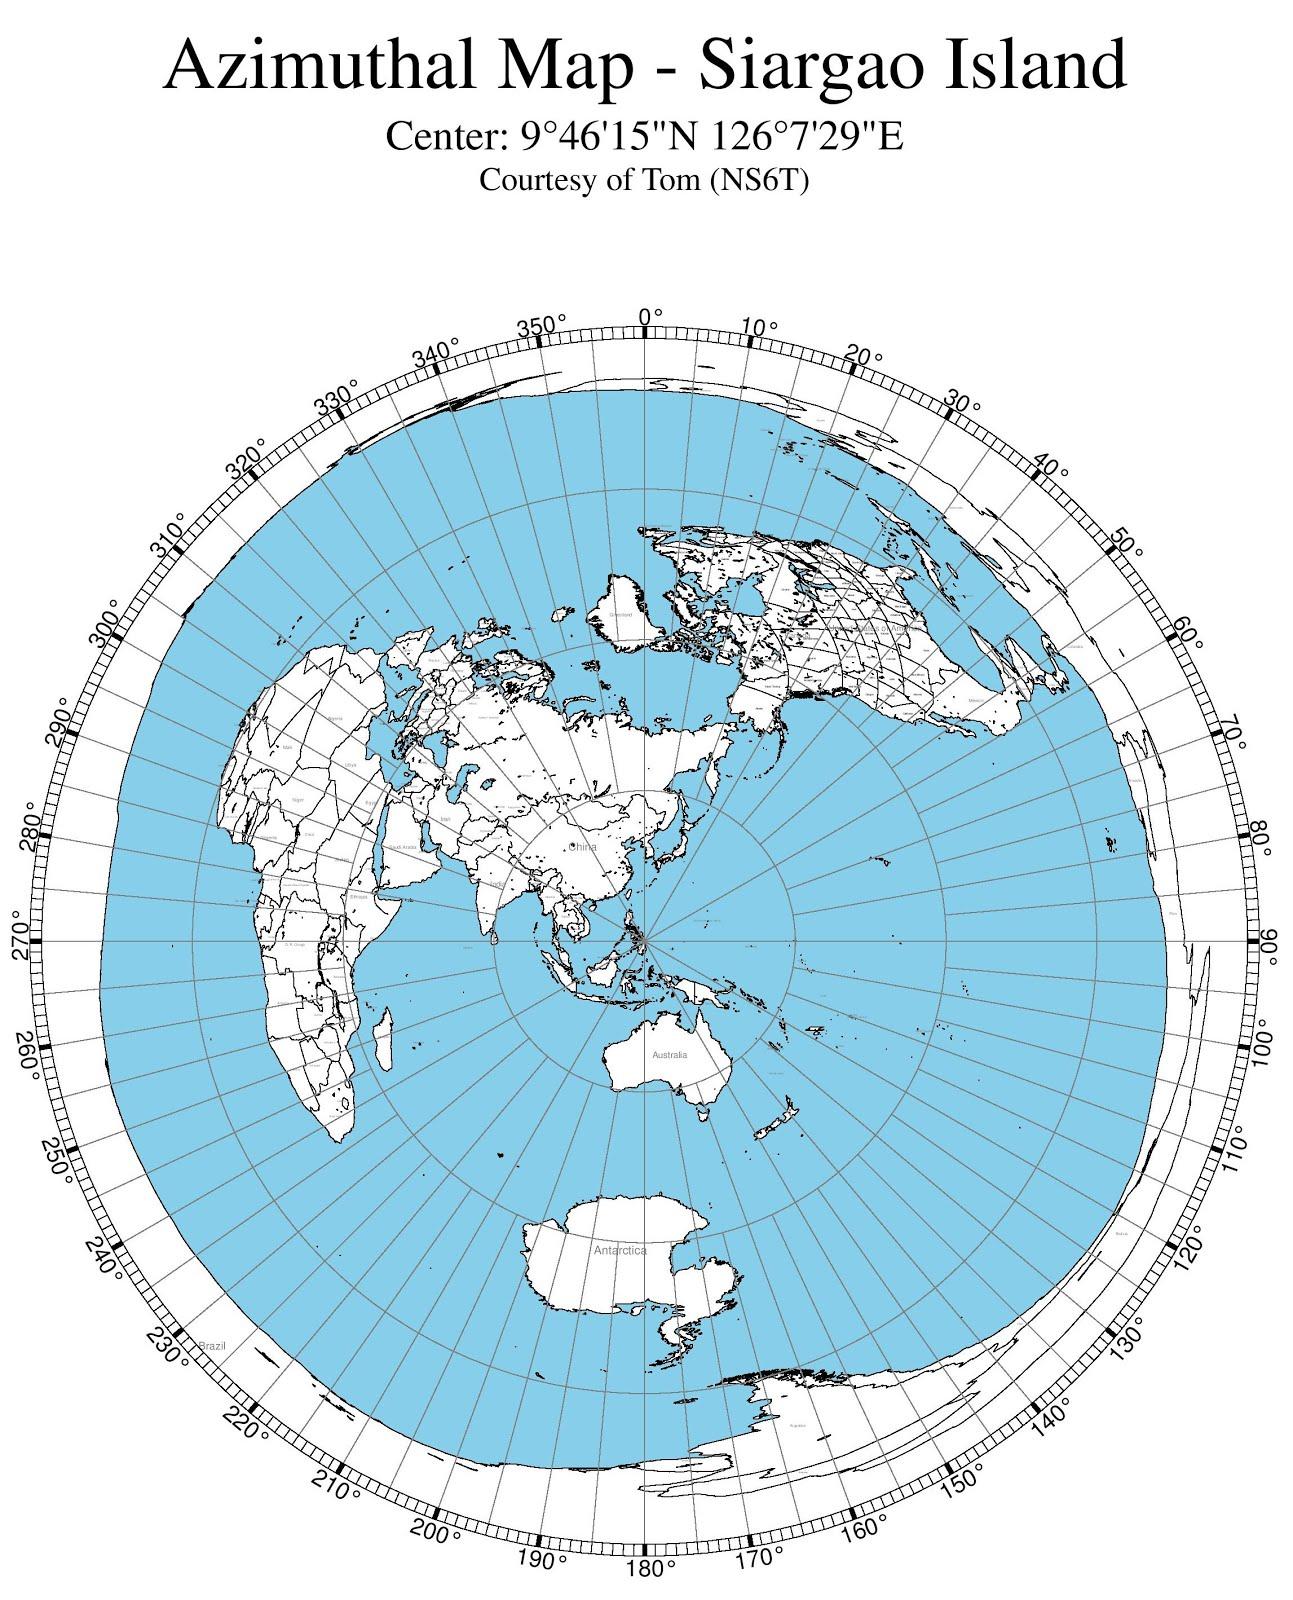 Azimuthal Map - Siargao Island